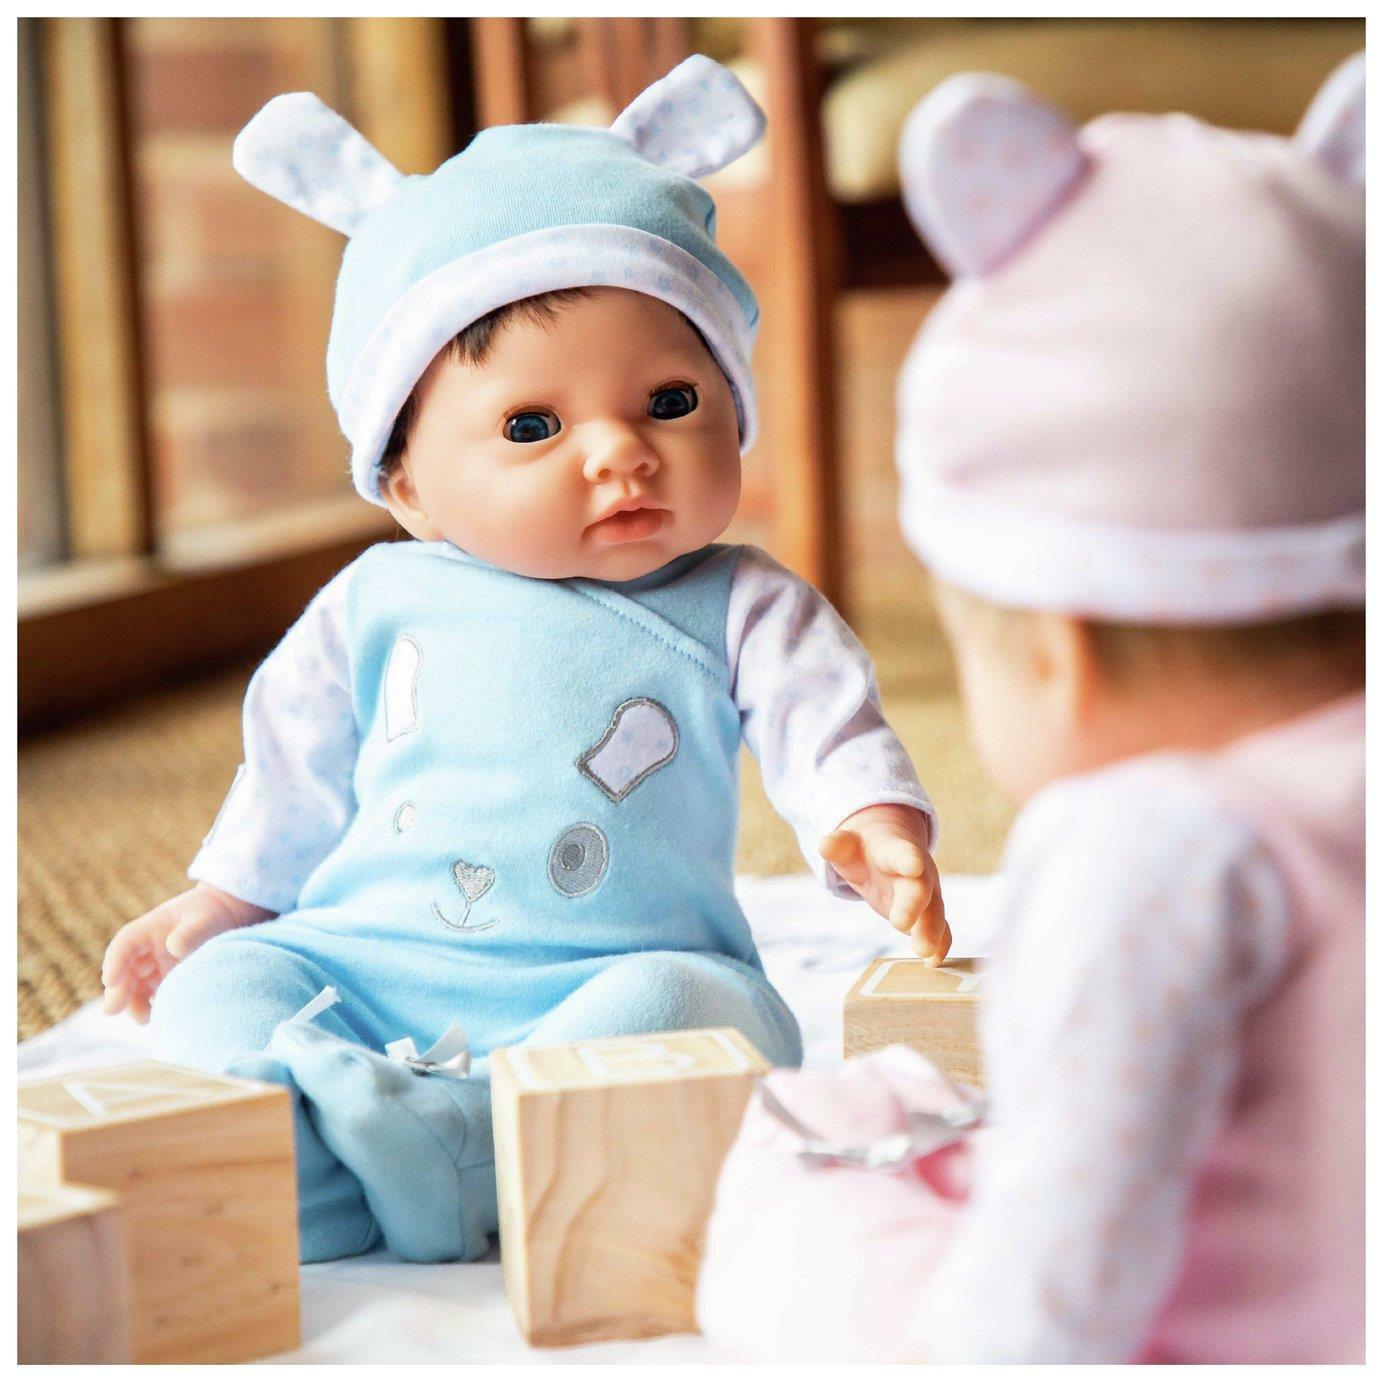 Chad Vtuttiey PICCOLI TESORI Bambola con vestito blu e  Cappello Bambino Giocattolo Regalo Set Nuovo  consegna lampo